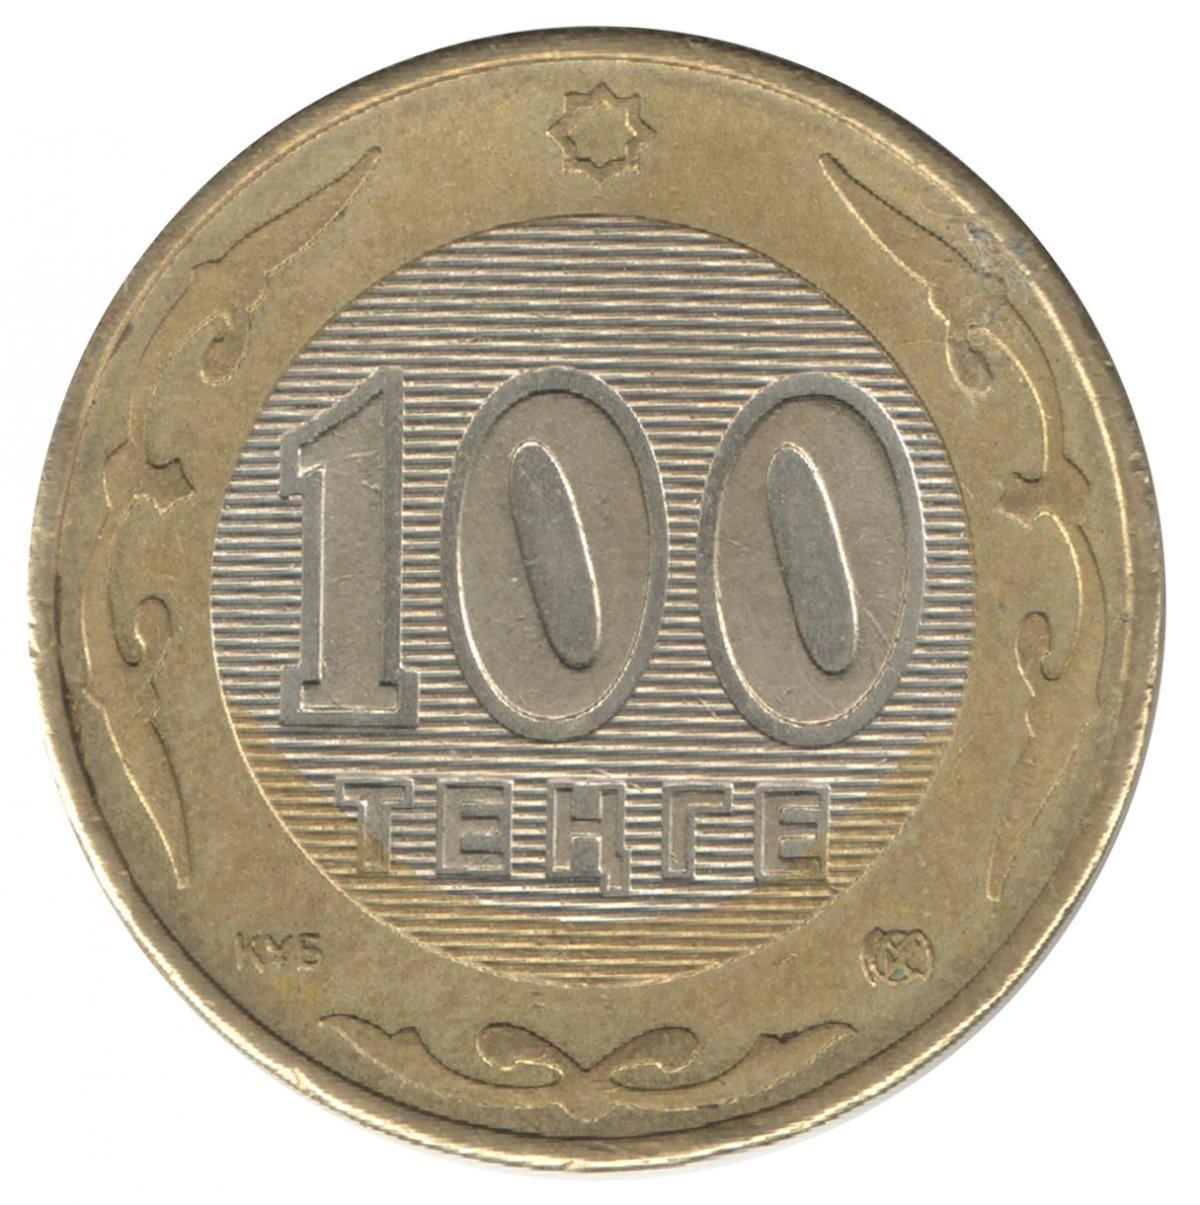 100 тенге это сколько магазин пруф москва